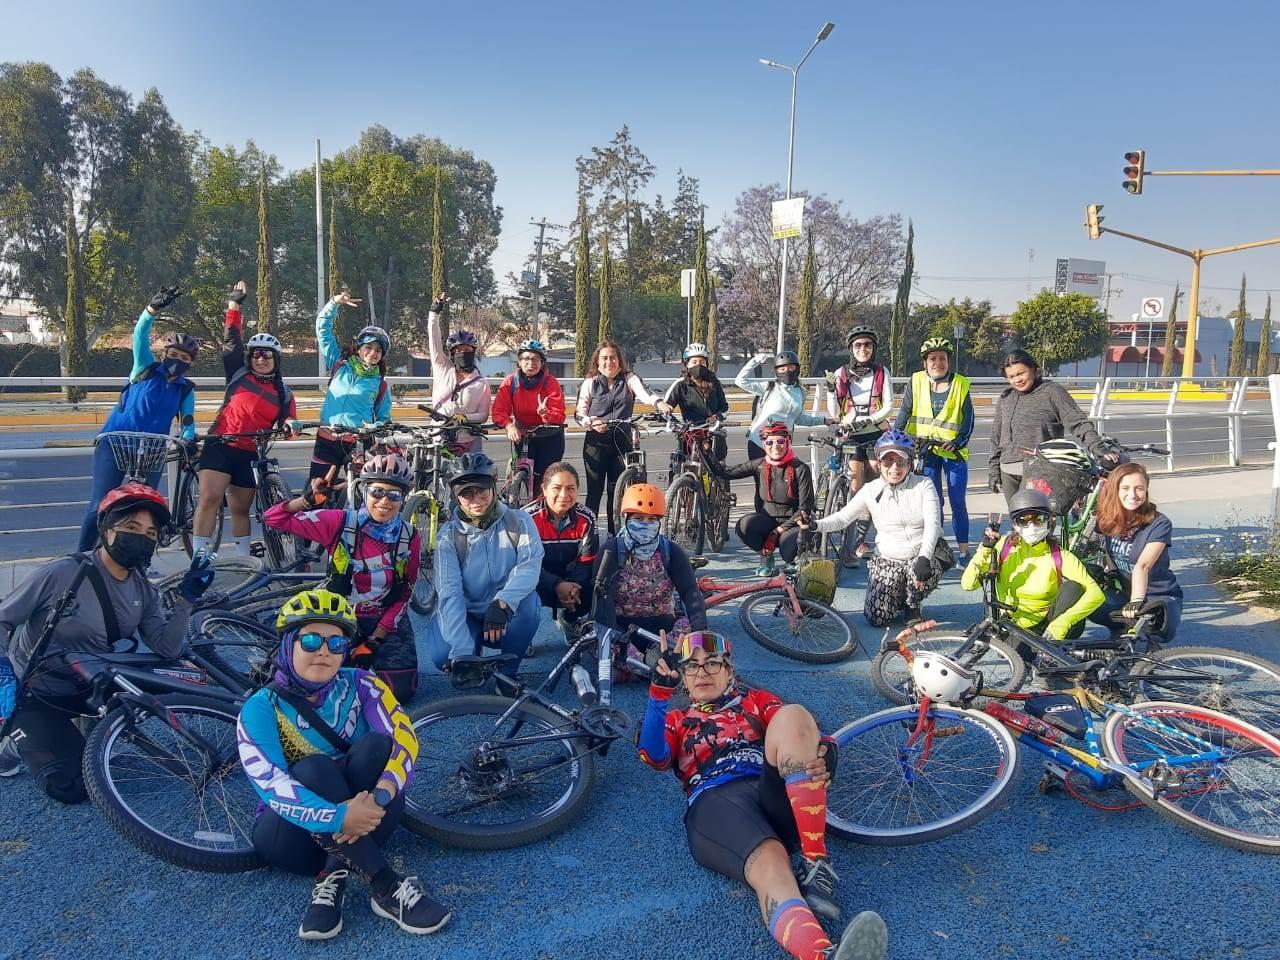 El Colectivo FemCiclista Chikiciwaj considera que uno de los grandes pendientes en la agenda ciclista es la aplicación de sanciones más altas contra la violencia vial. Fotografías de Femcilista